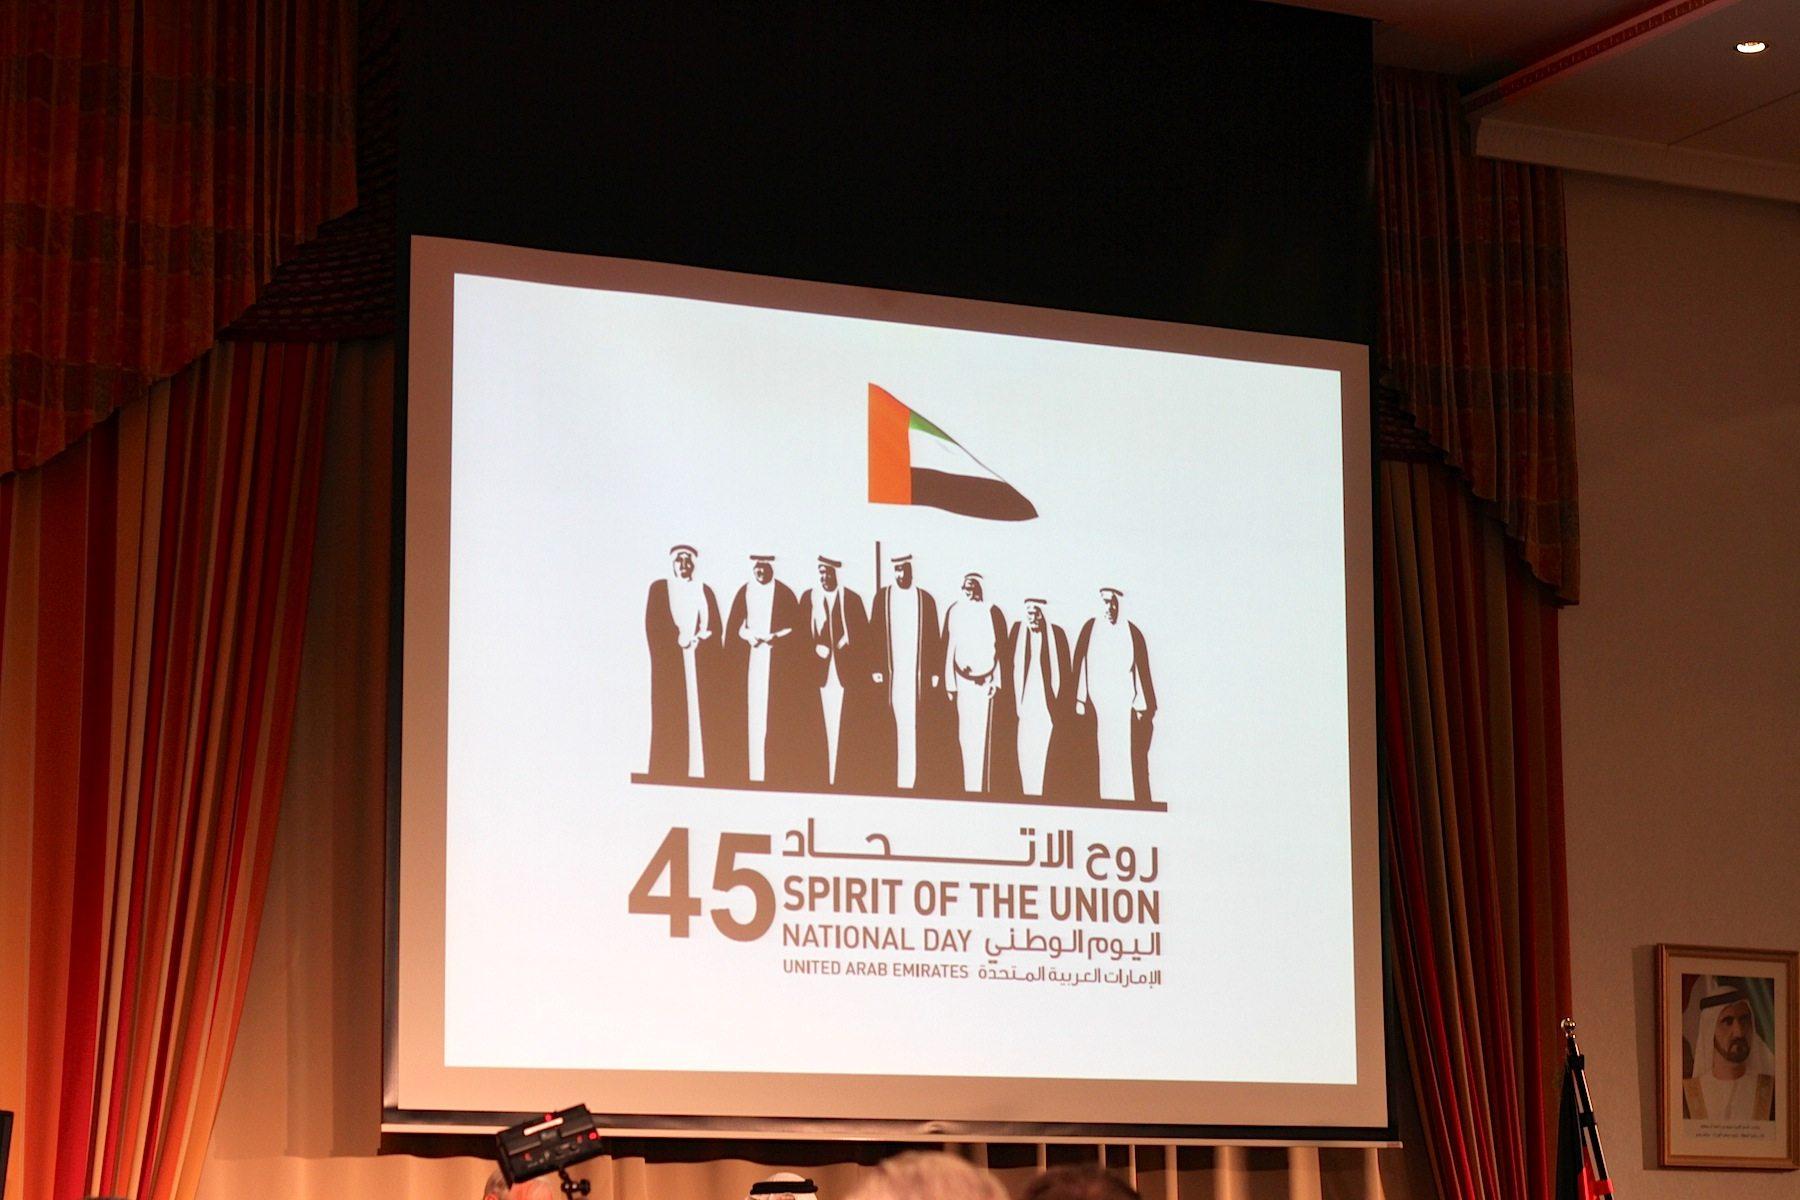 Gründung.  Am 2. Dezember 1971 war es offiziell: die Herrscher der sieben Emirate Abu Dhabi, Dubai, Sharjah, Ajman, Fujairah, Umm Al-Quwain und Ras Al-Khaimah hatten die föderal-konstitutionelle Wahlmonarchie der Vereinigten Arabischen Emirate gegründet. Am 2. Dezember 2016 wurde der 45. Jahrestag feierlich zelebriert.